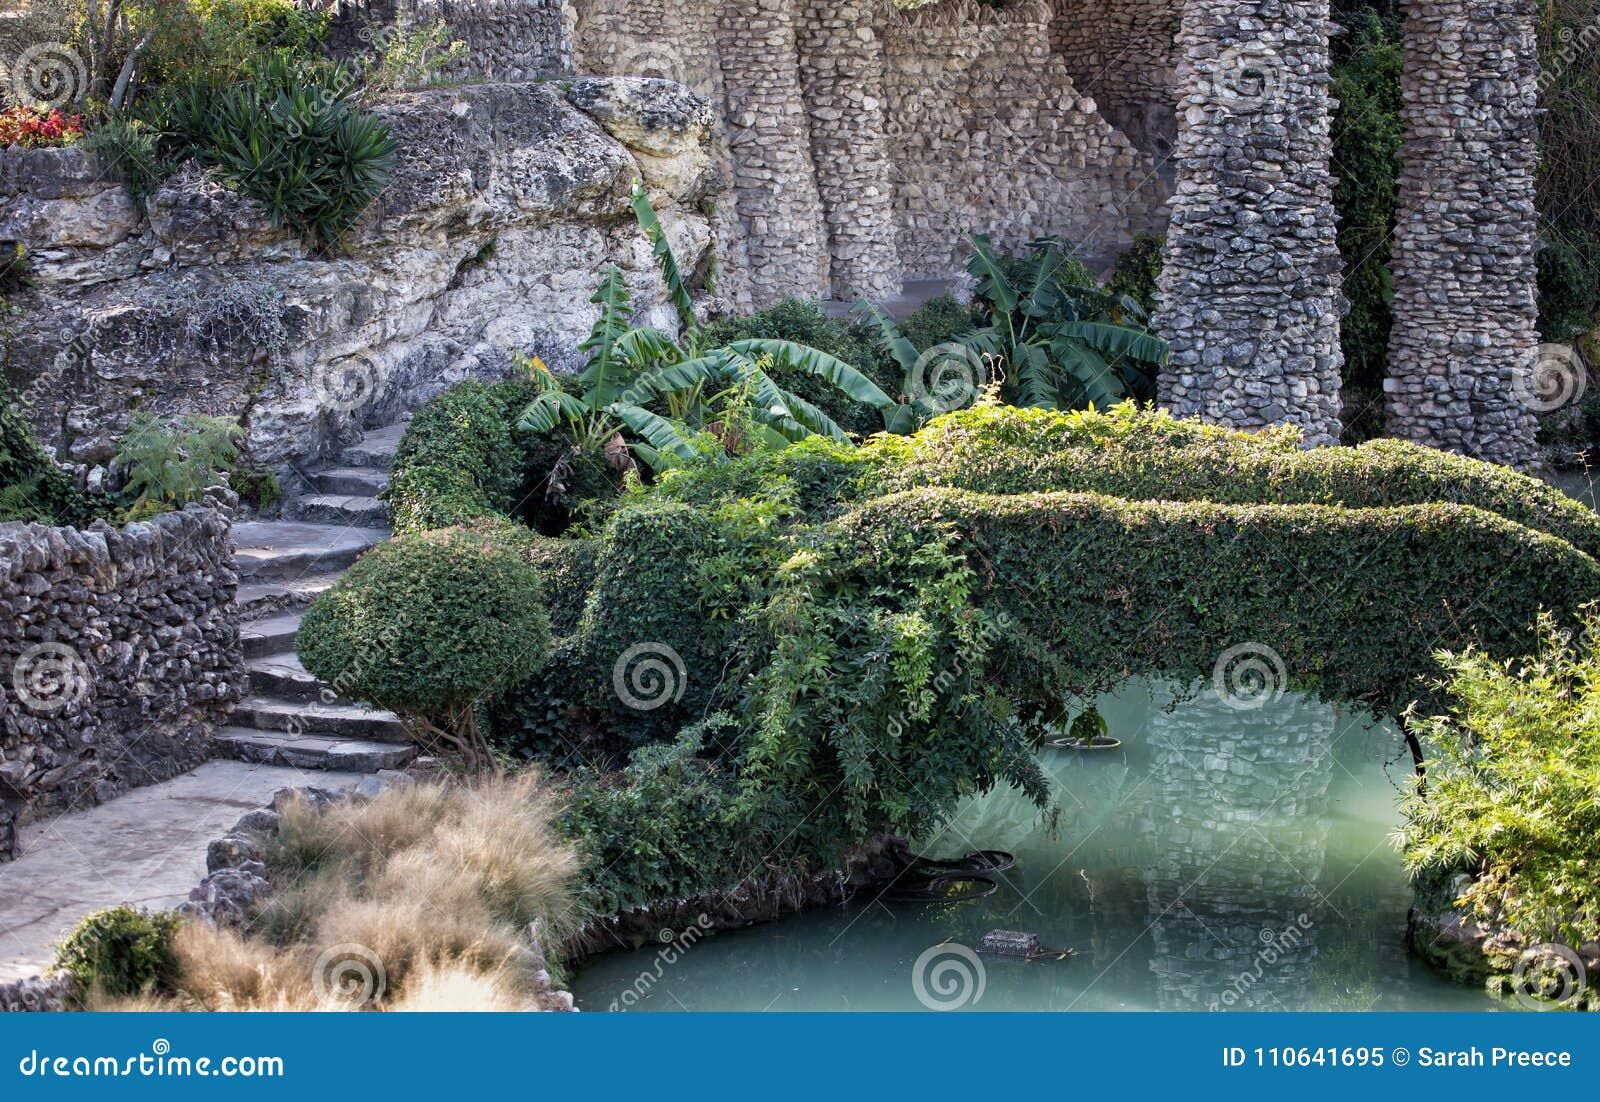 Steingarten Entlang Teich Stockbild Bild Von Tropisch 110641695